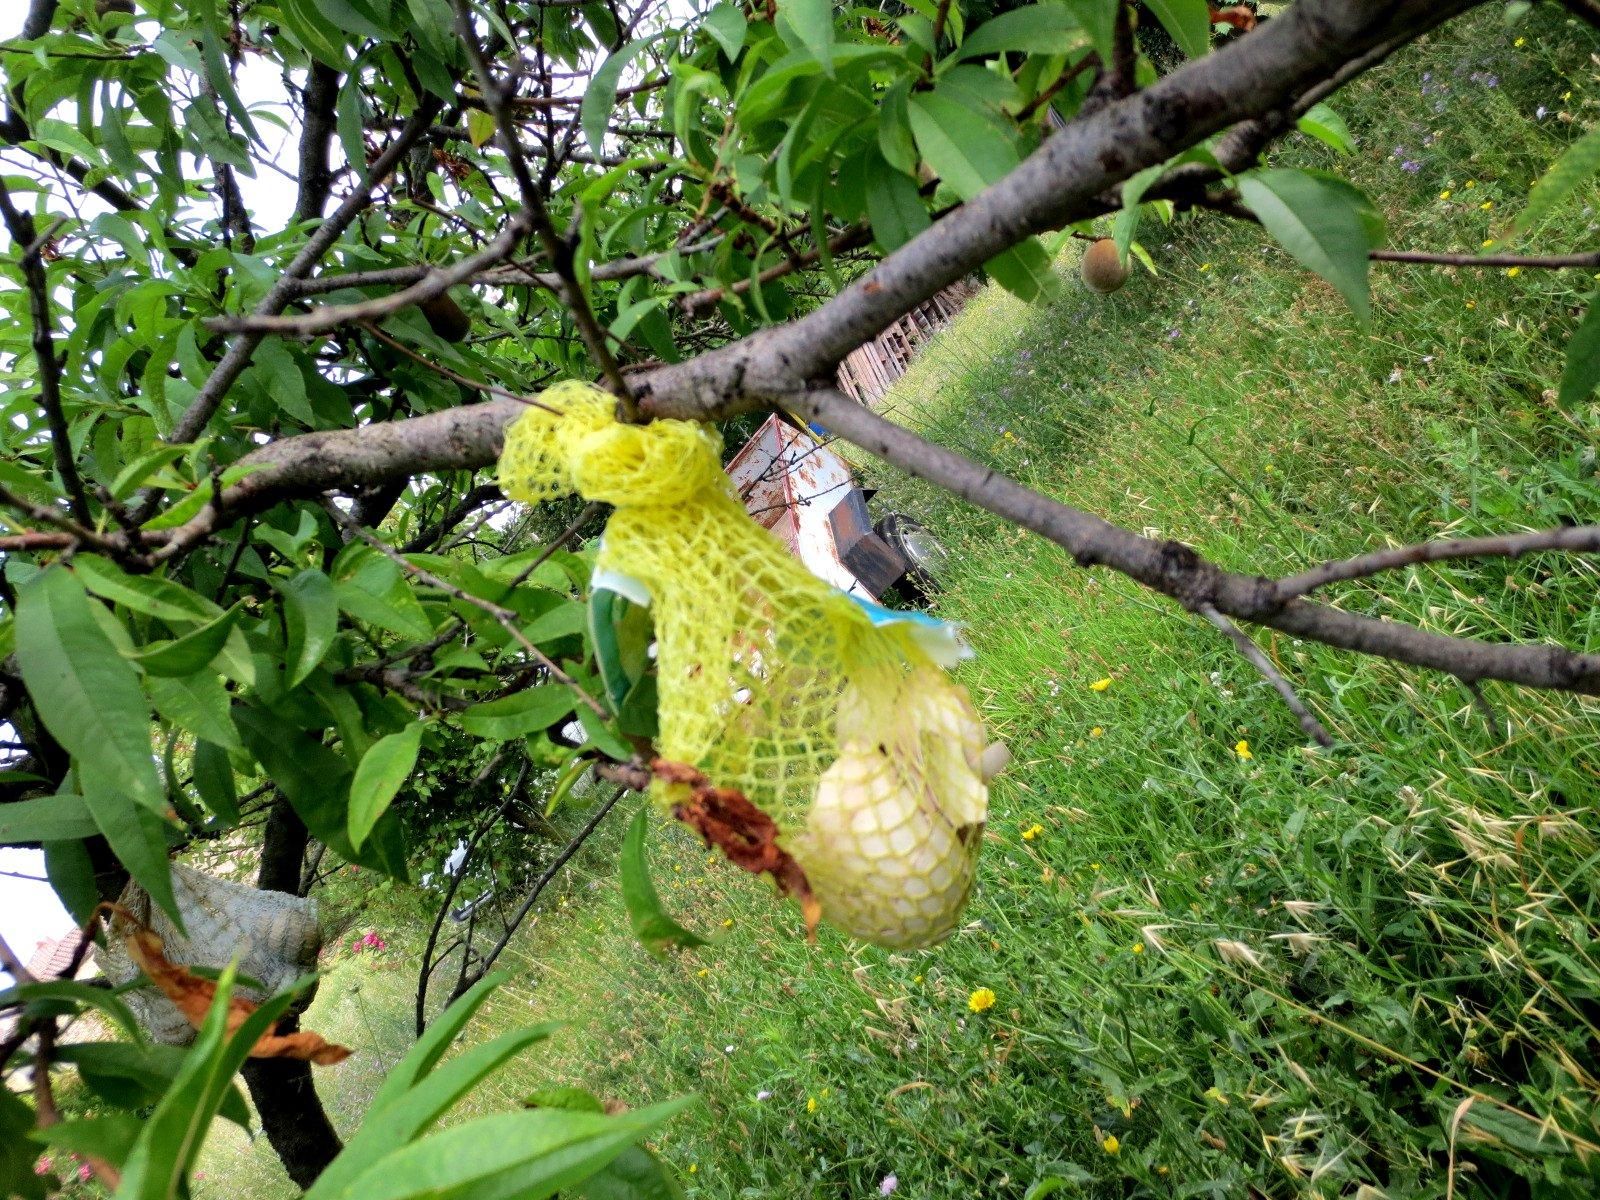 Jardin au mois de juillet 2015 - Cloque du pecher coquille d oeuf ...